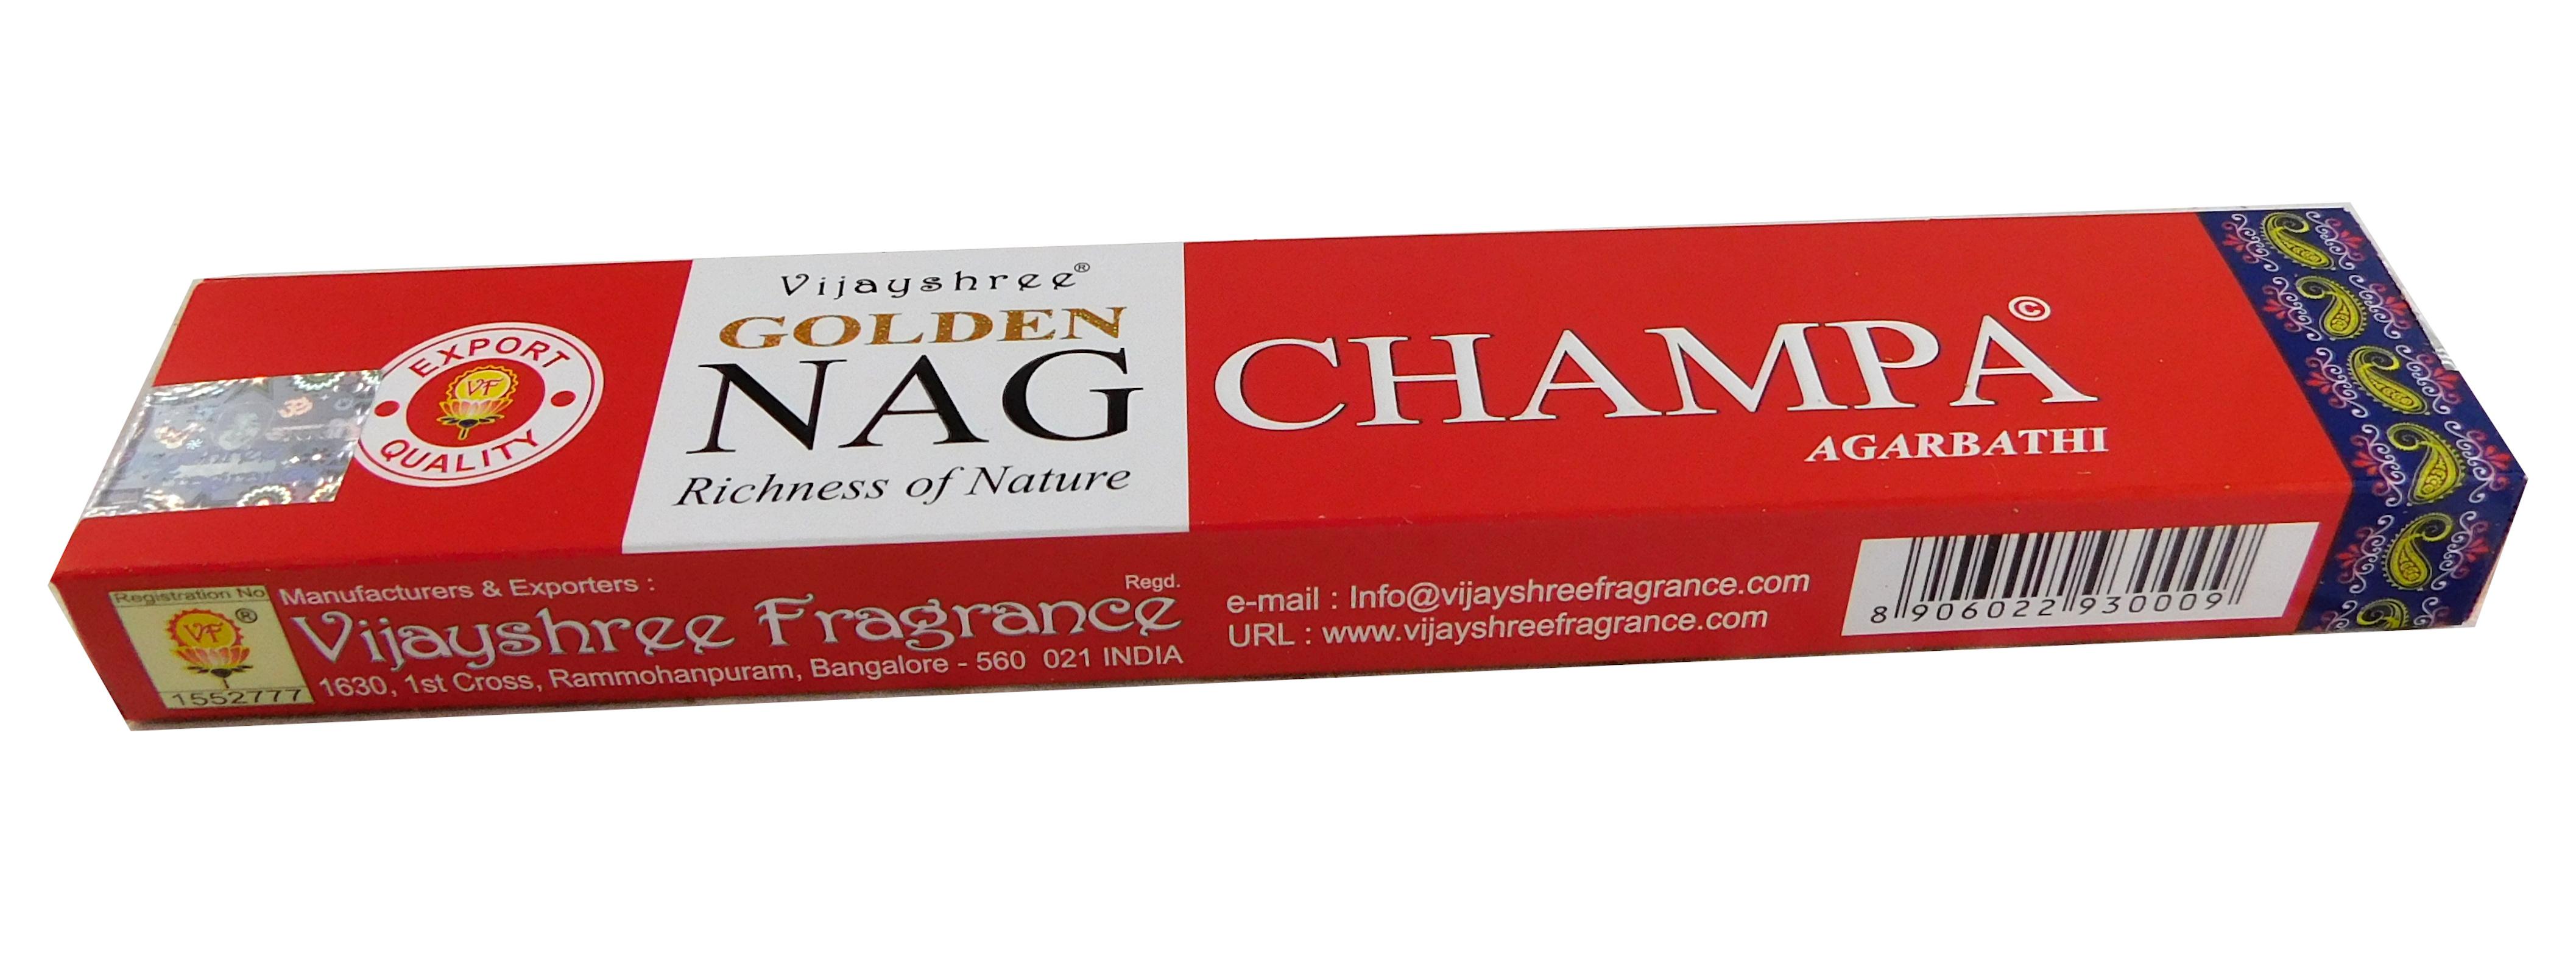 Räucherstäbchen Golden Nag Champa von Vijayshree 15g Packung. Ca. 15 Incence Sticks